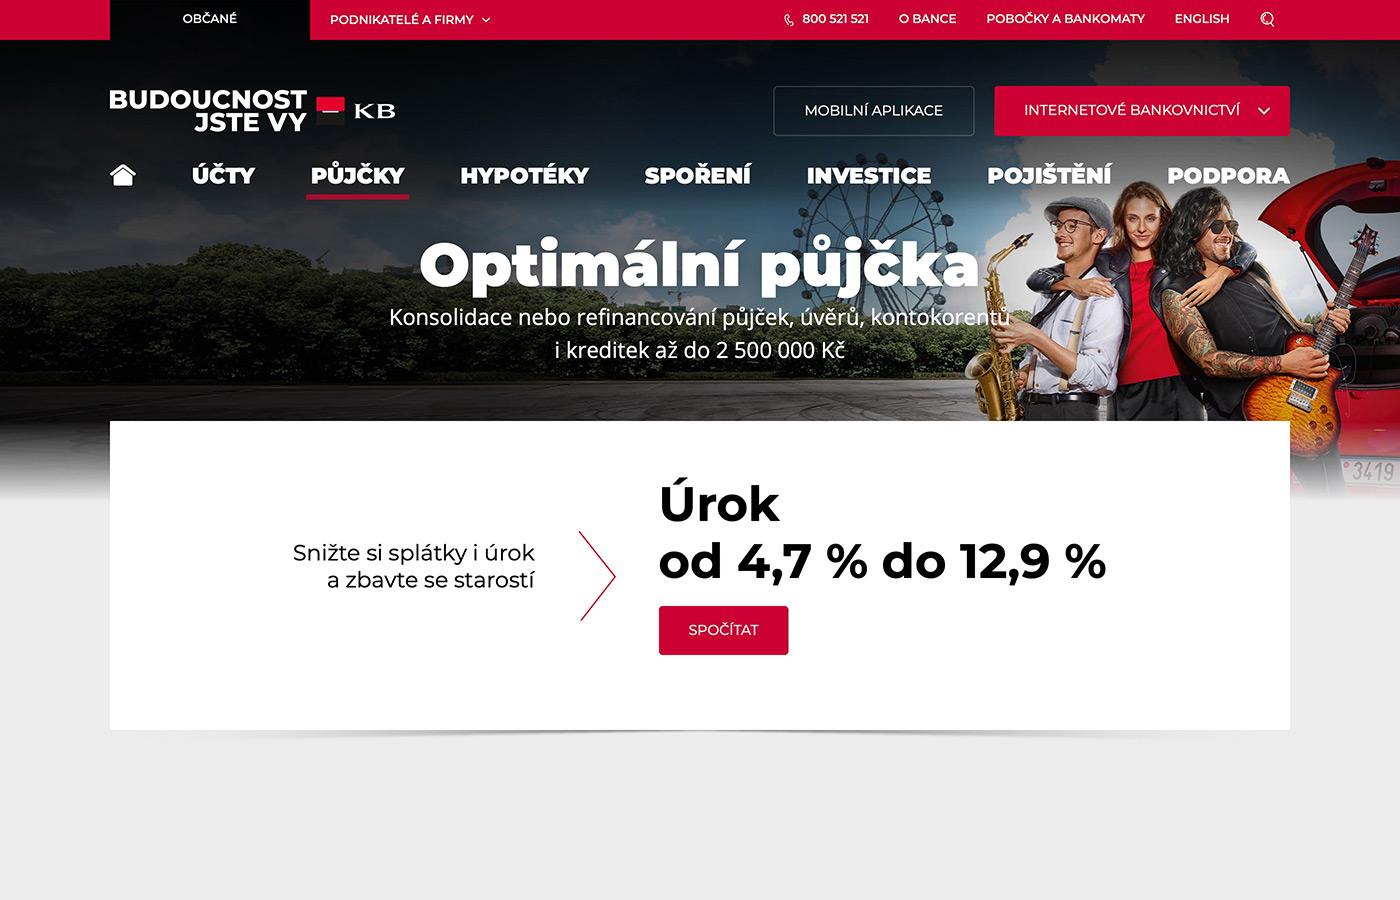 Náhled webových stránek www.kb.cz/cs/obcane/pujcky/optimalni-pujcka